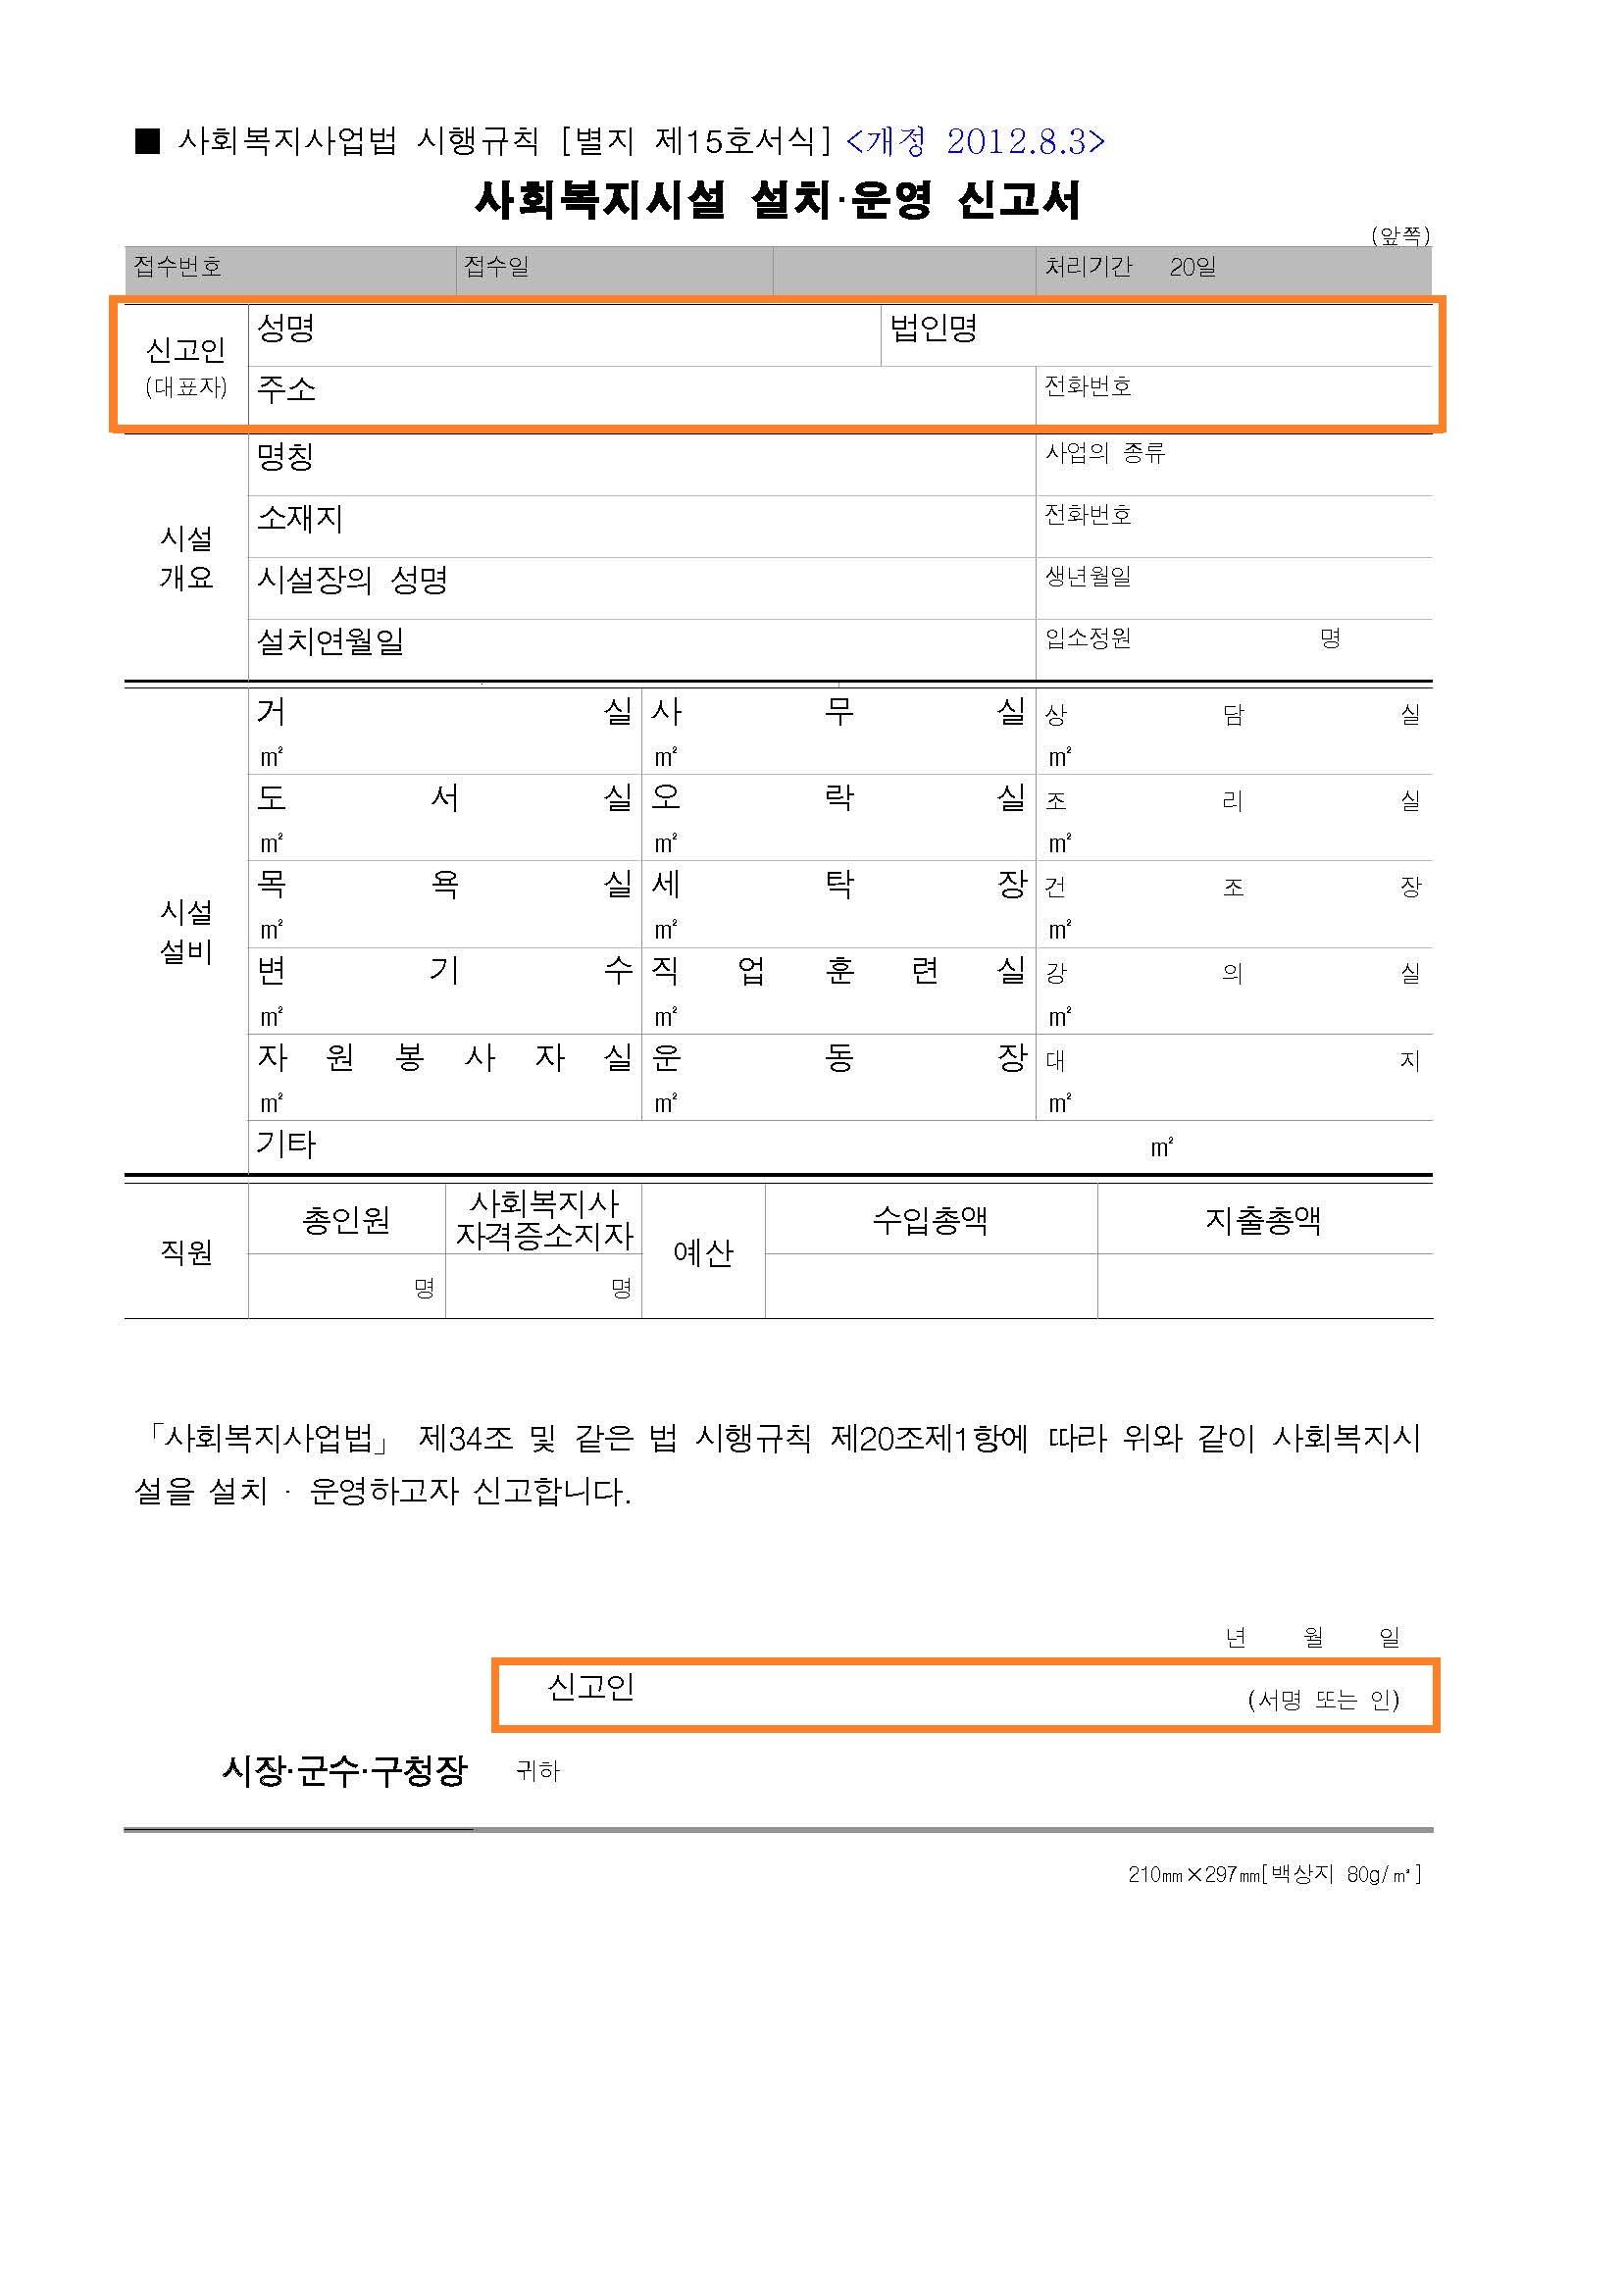 [별지 제15호서식] 사회복지시설 설치ㆍ운영 신고서_페이지_1.jpg